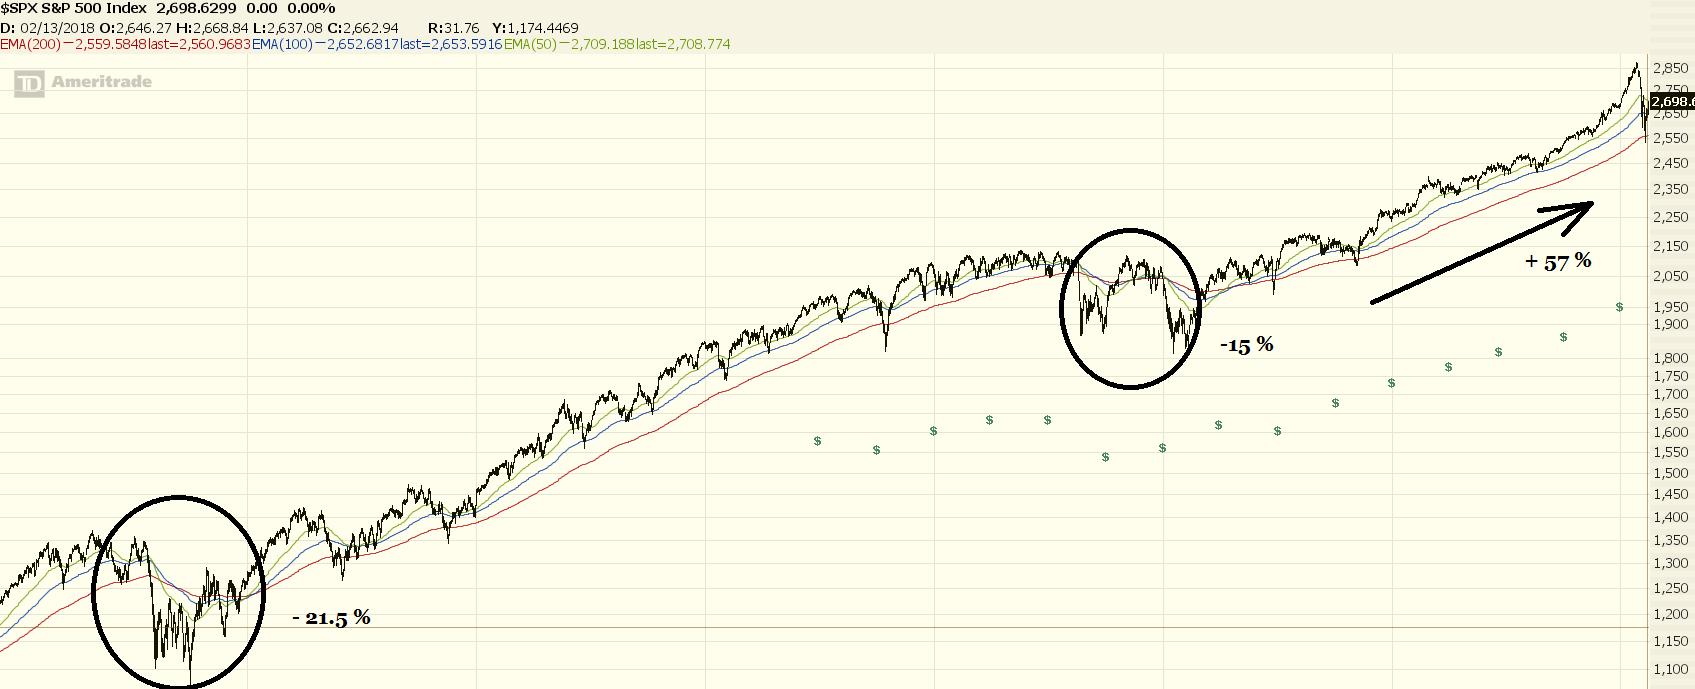 S&P500 graphic